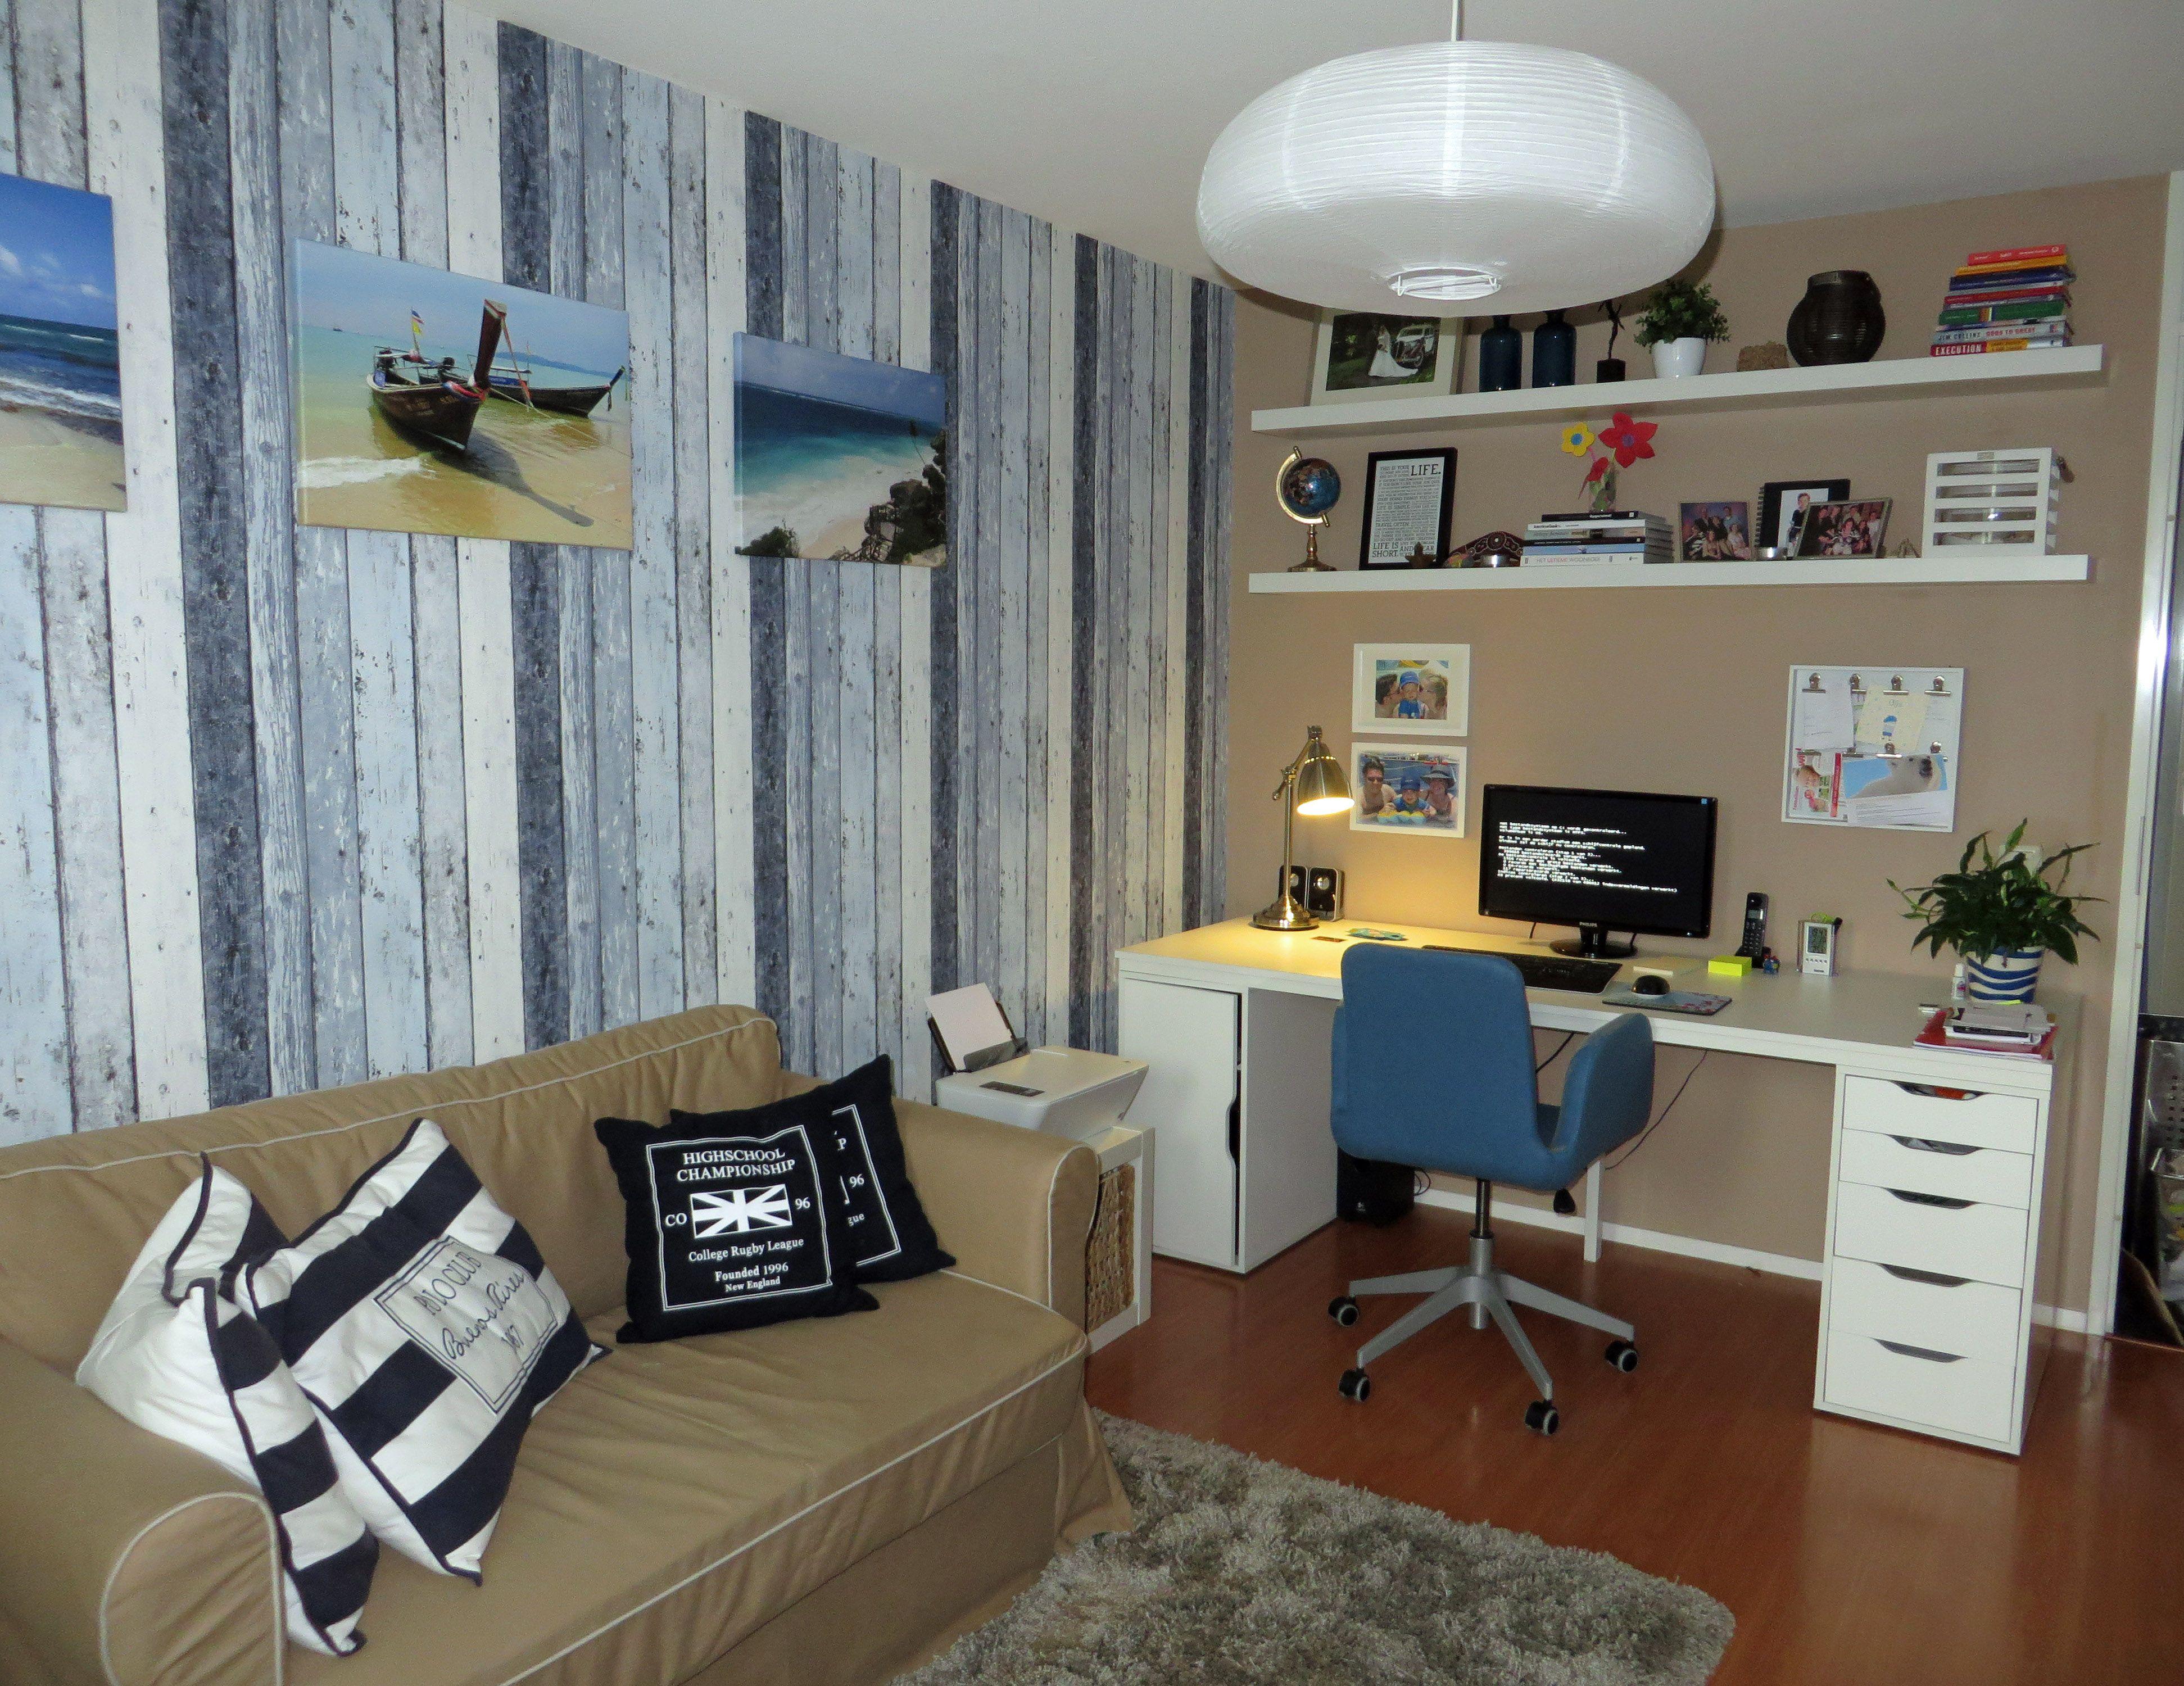 bureau design ikea ikea ufinnvardu desk with bureau. Black Bedroom Furniture Sets. Home Design Ideas